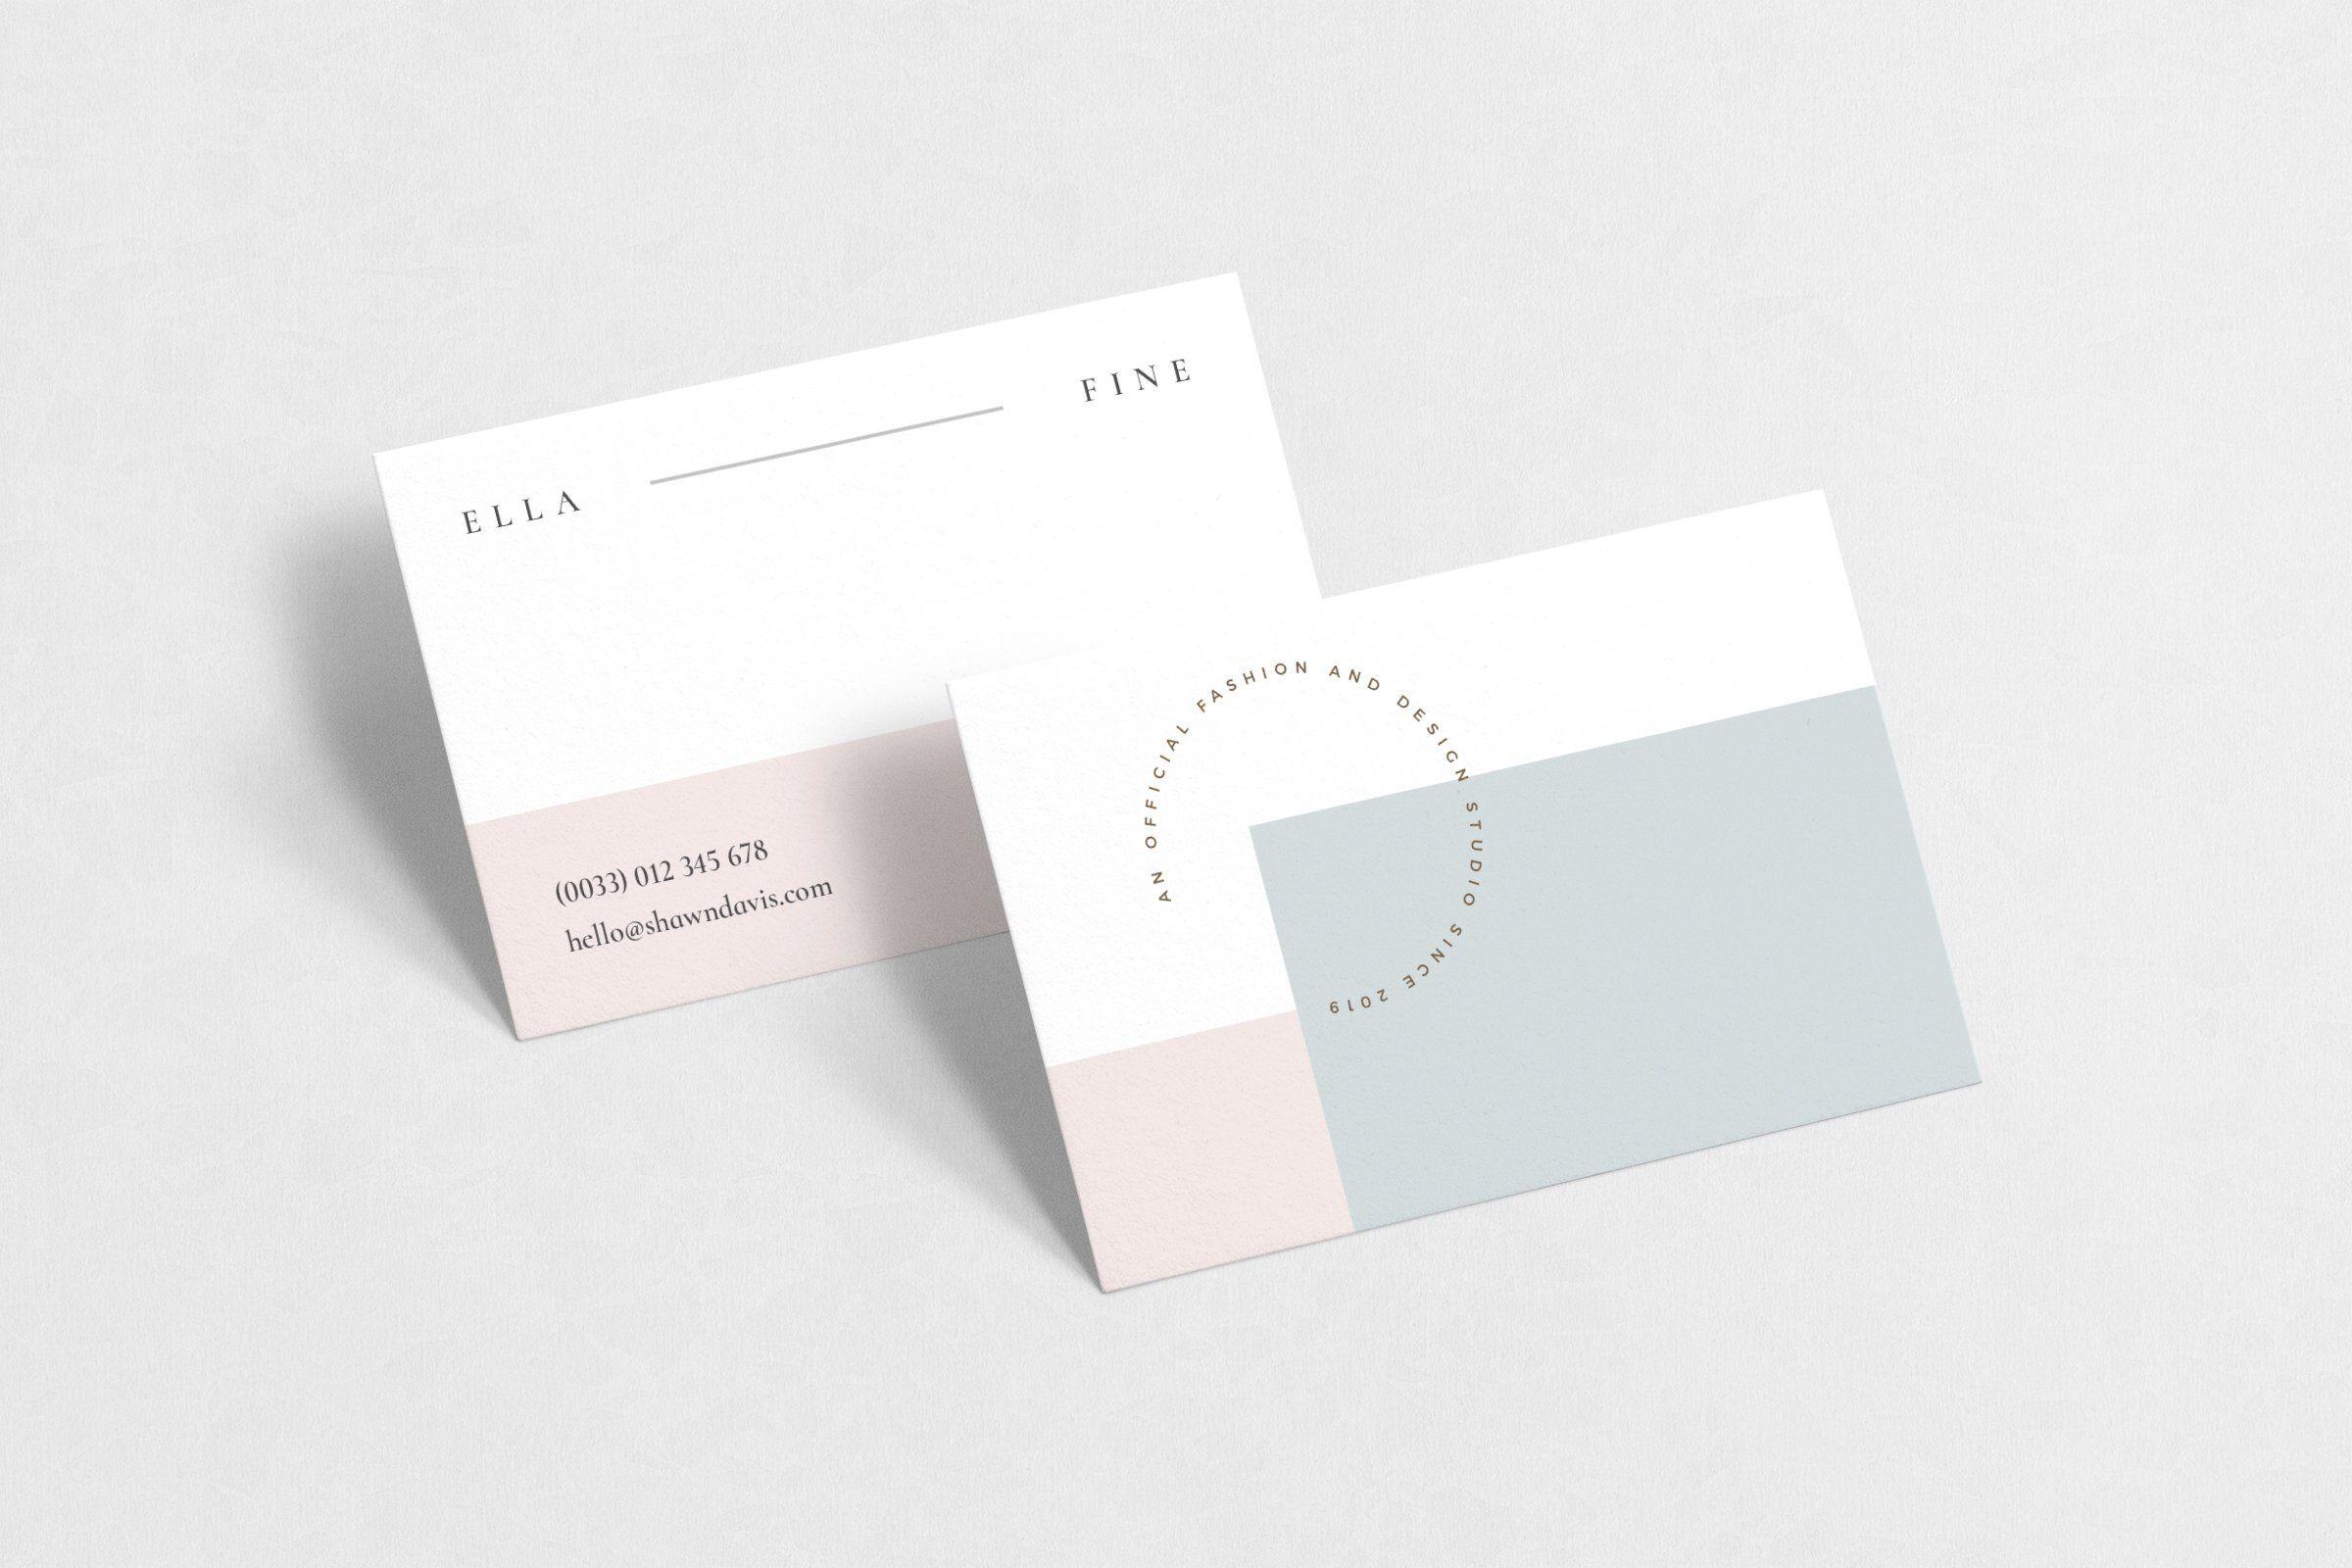 Ella Fine Business Card Customizable Business Cards Templates Business Card Template Elegant Business Cards